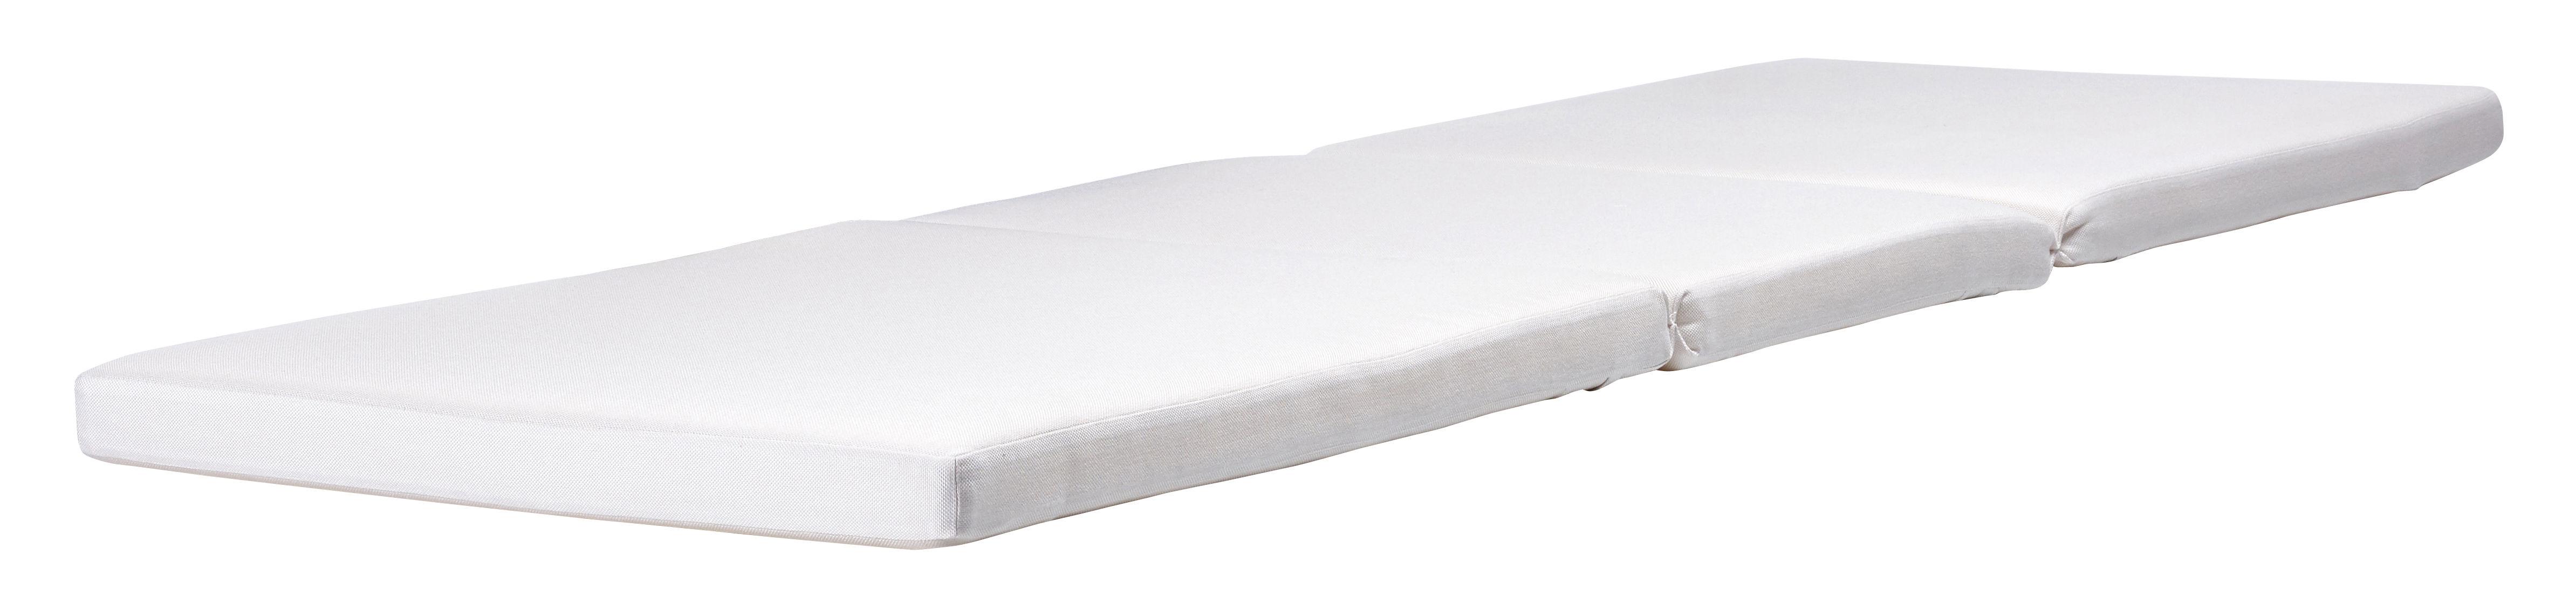 Outdoor - Chaises longues et hamacs - Accessoire canapé / Matelas pour bain de soleil Australis - 200 x 63 cm - Extremis - Coussin assise / Blanc - Polyester, Tissu Sunbrella®